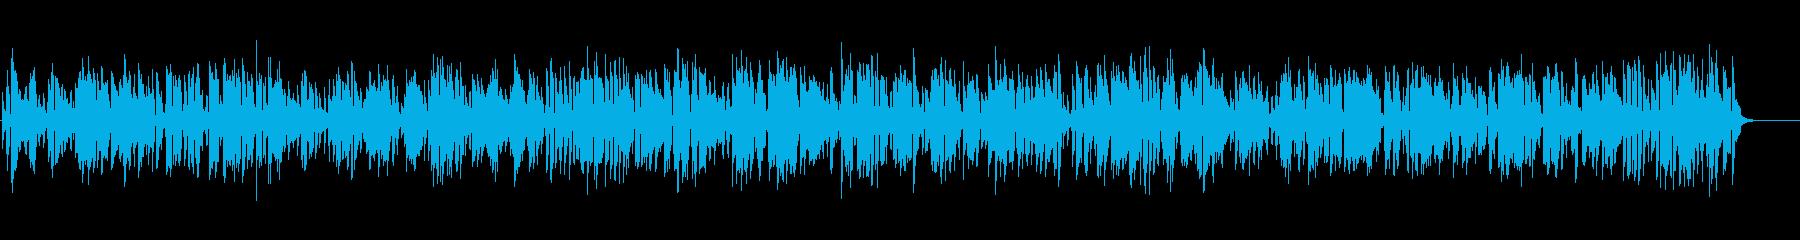 レトロでほのぼのとしたクラリネットジャズの再生済みの波形